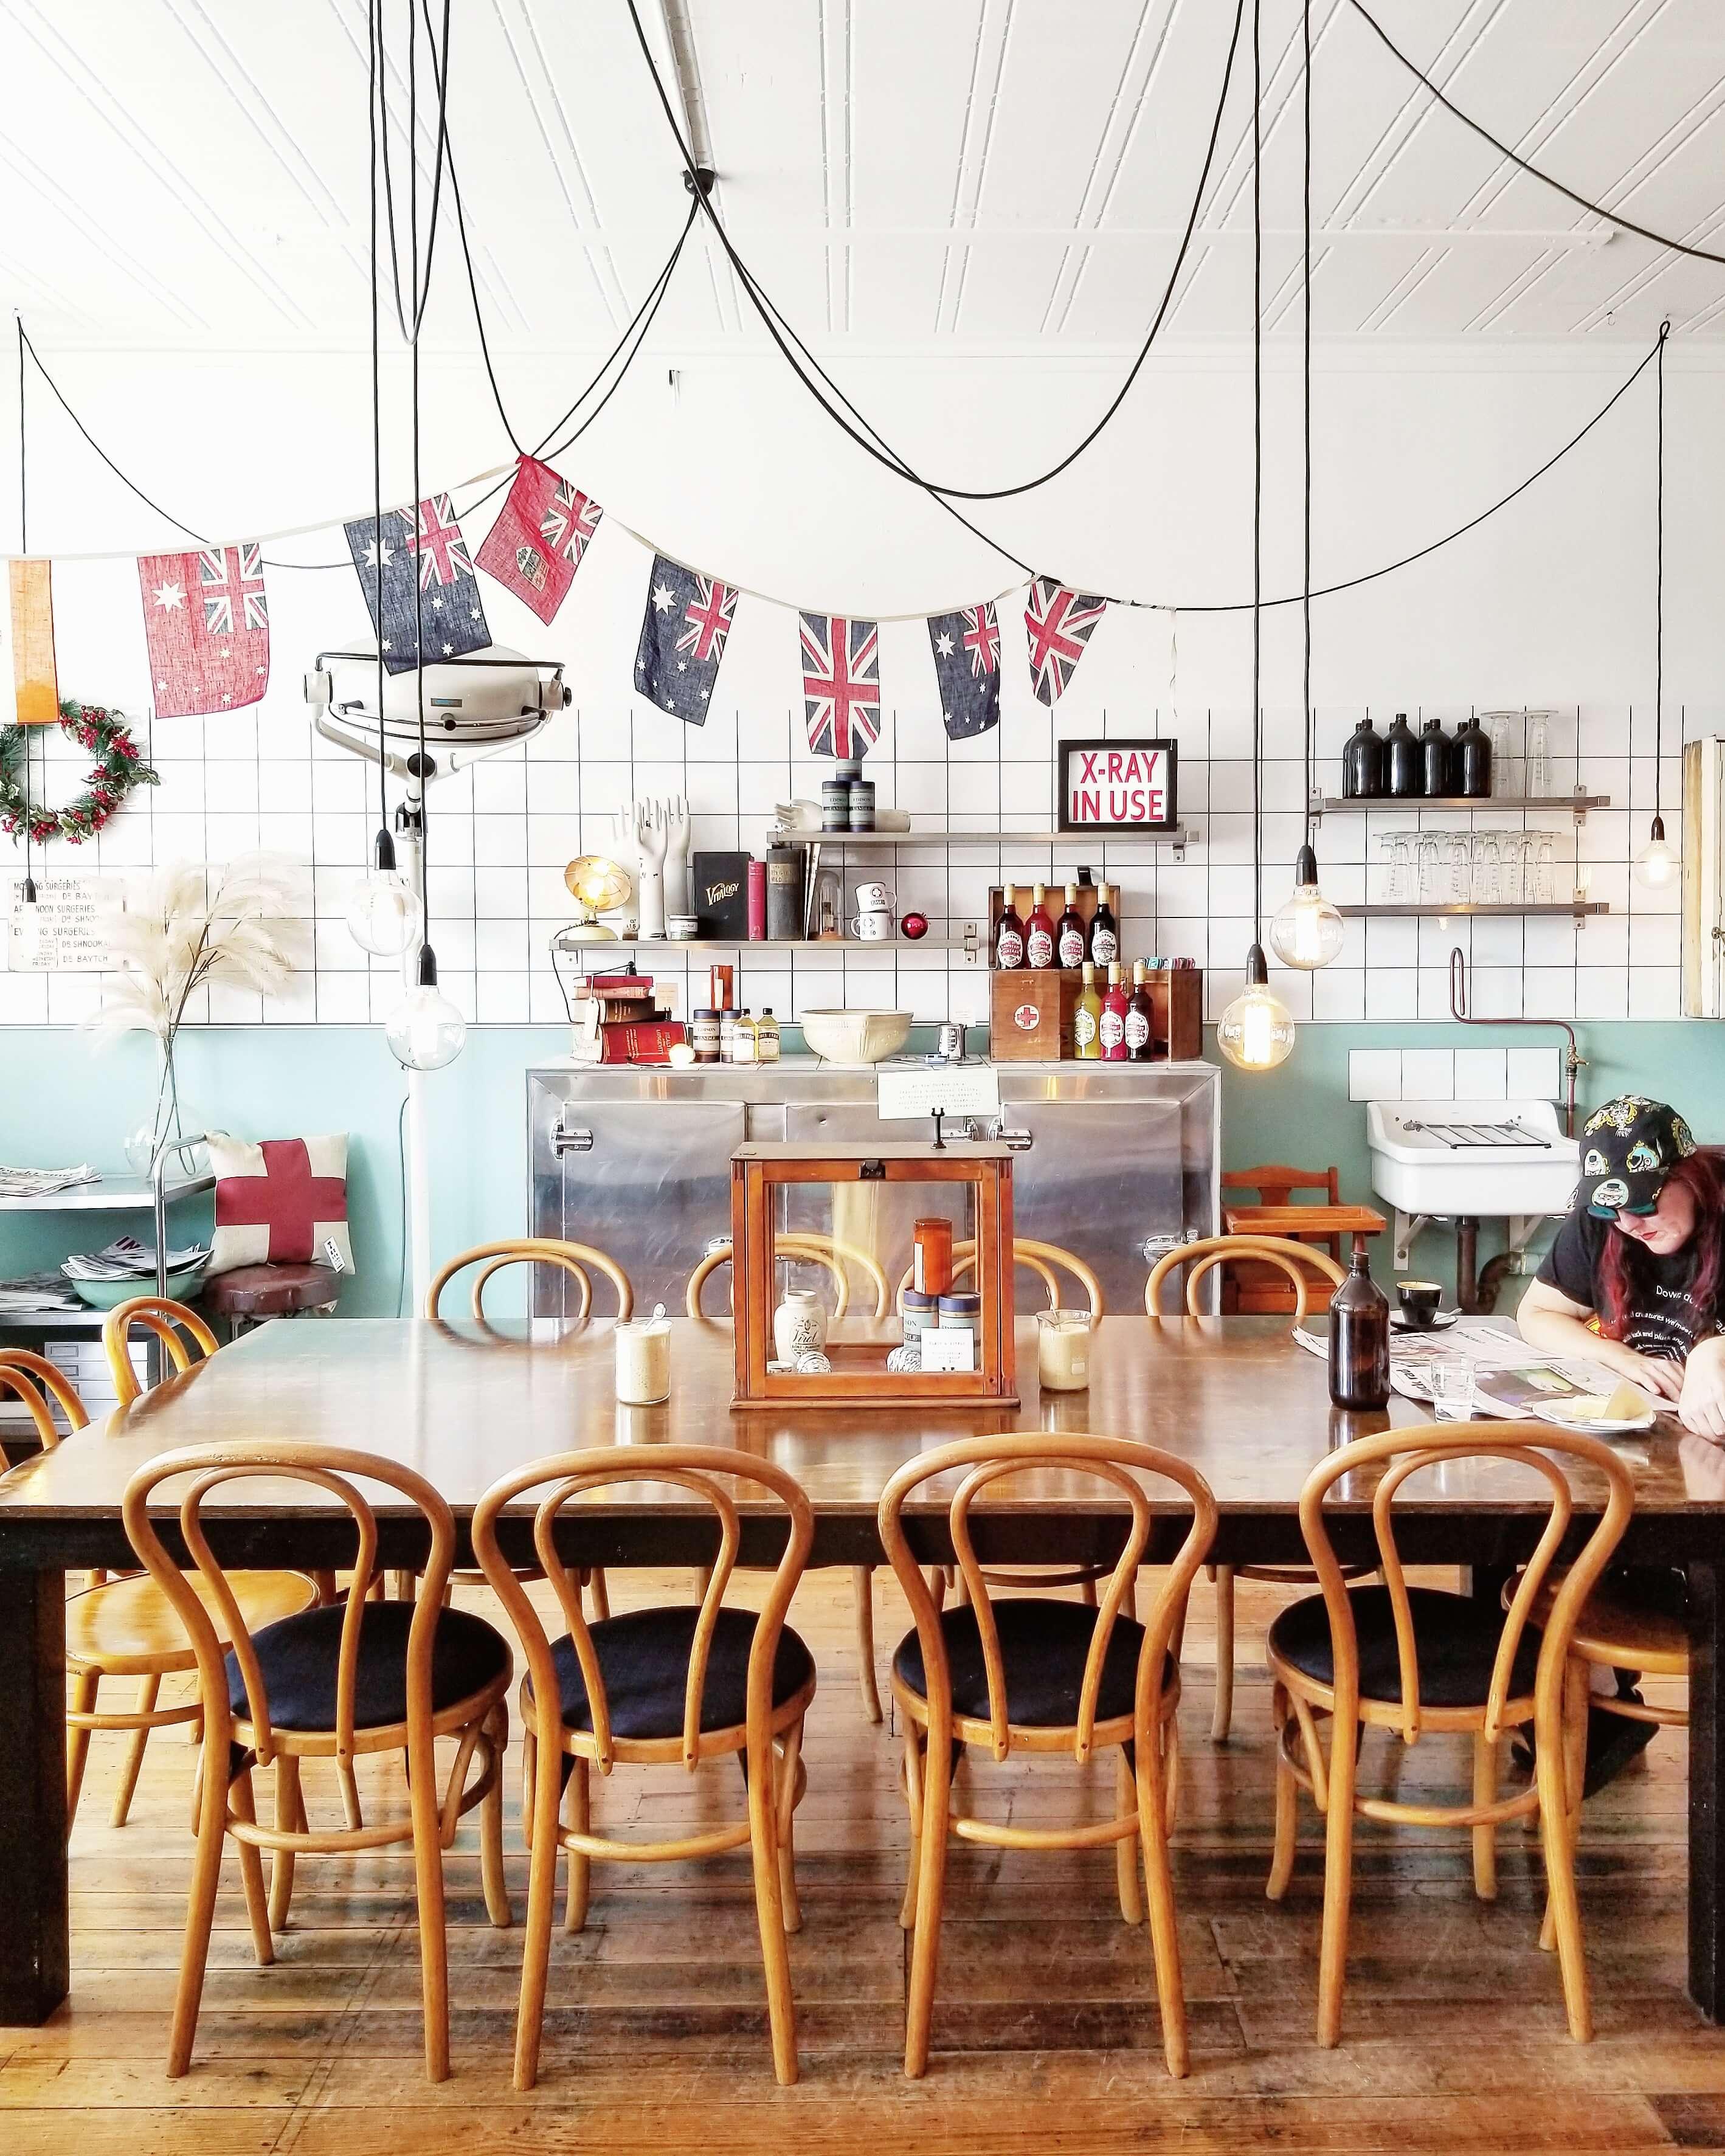 ローカル達で賑わうカフェから定番カフェまでを巡る!カフェの聖地♡メルボルン【前編】